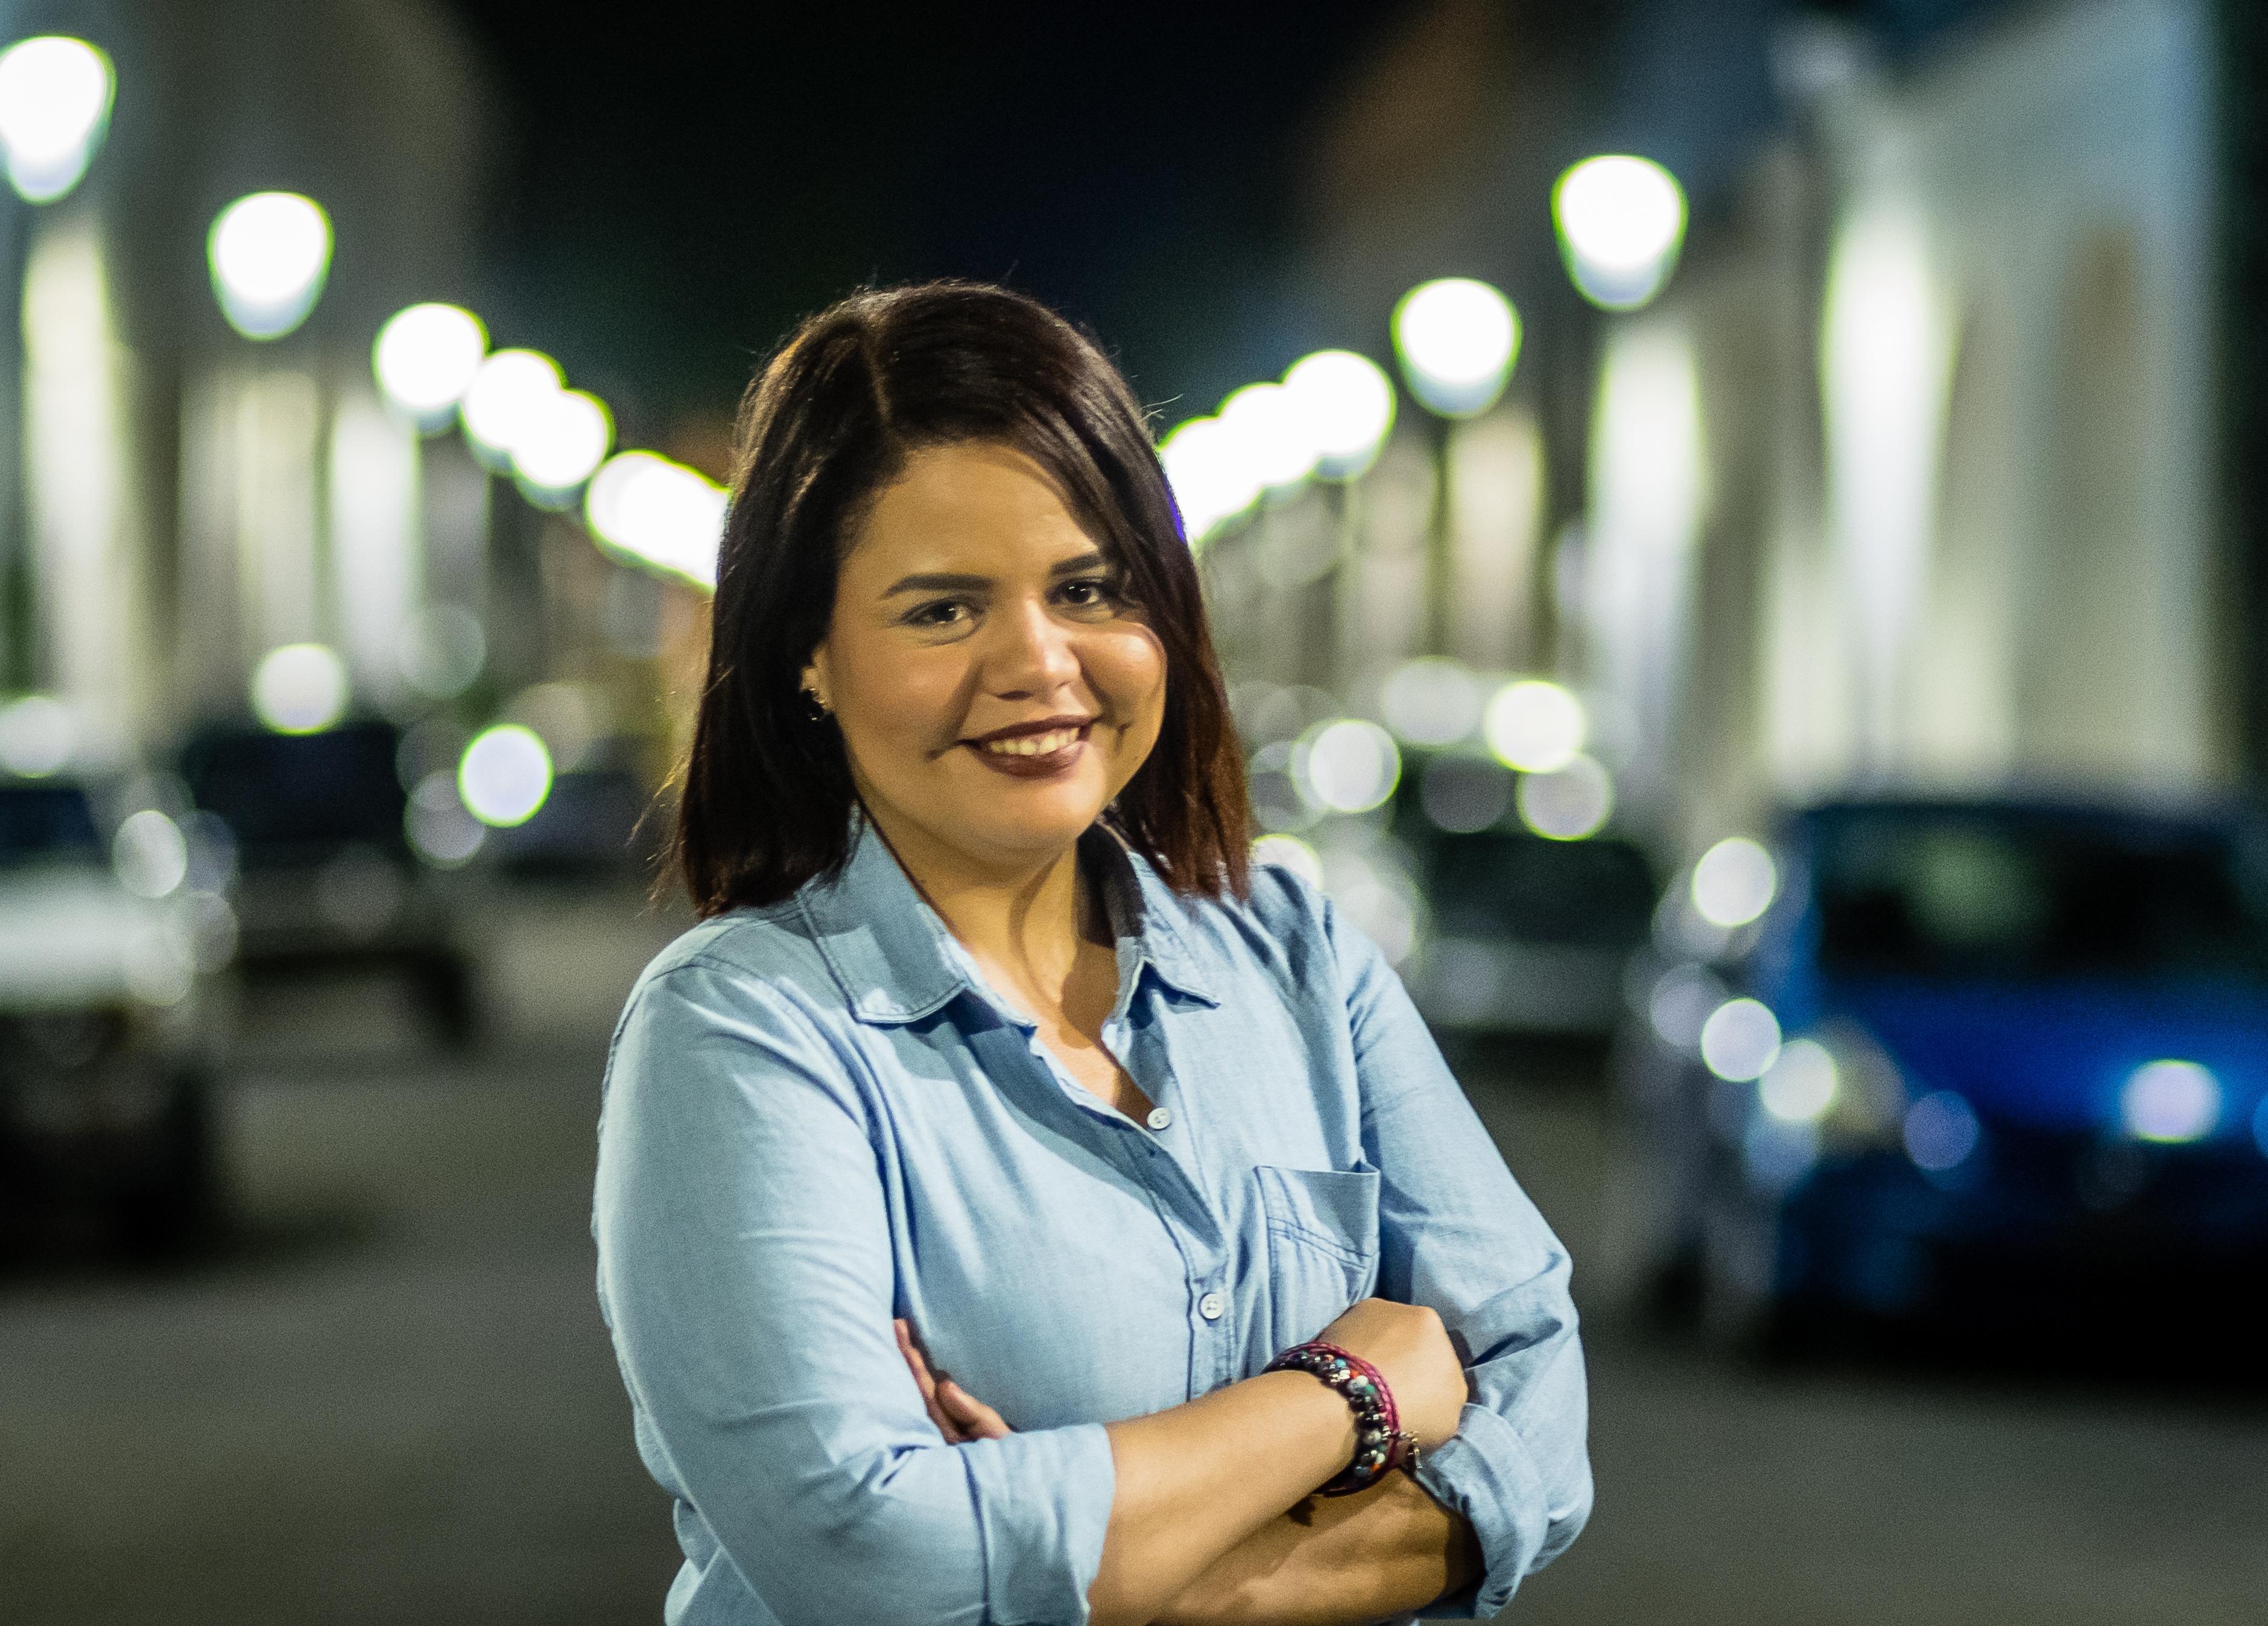 Dahiana Acosta